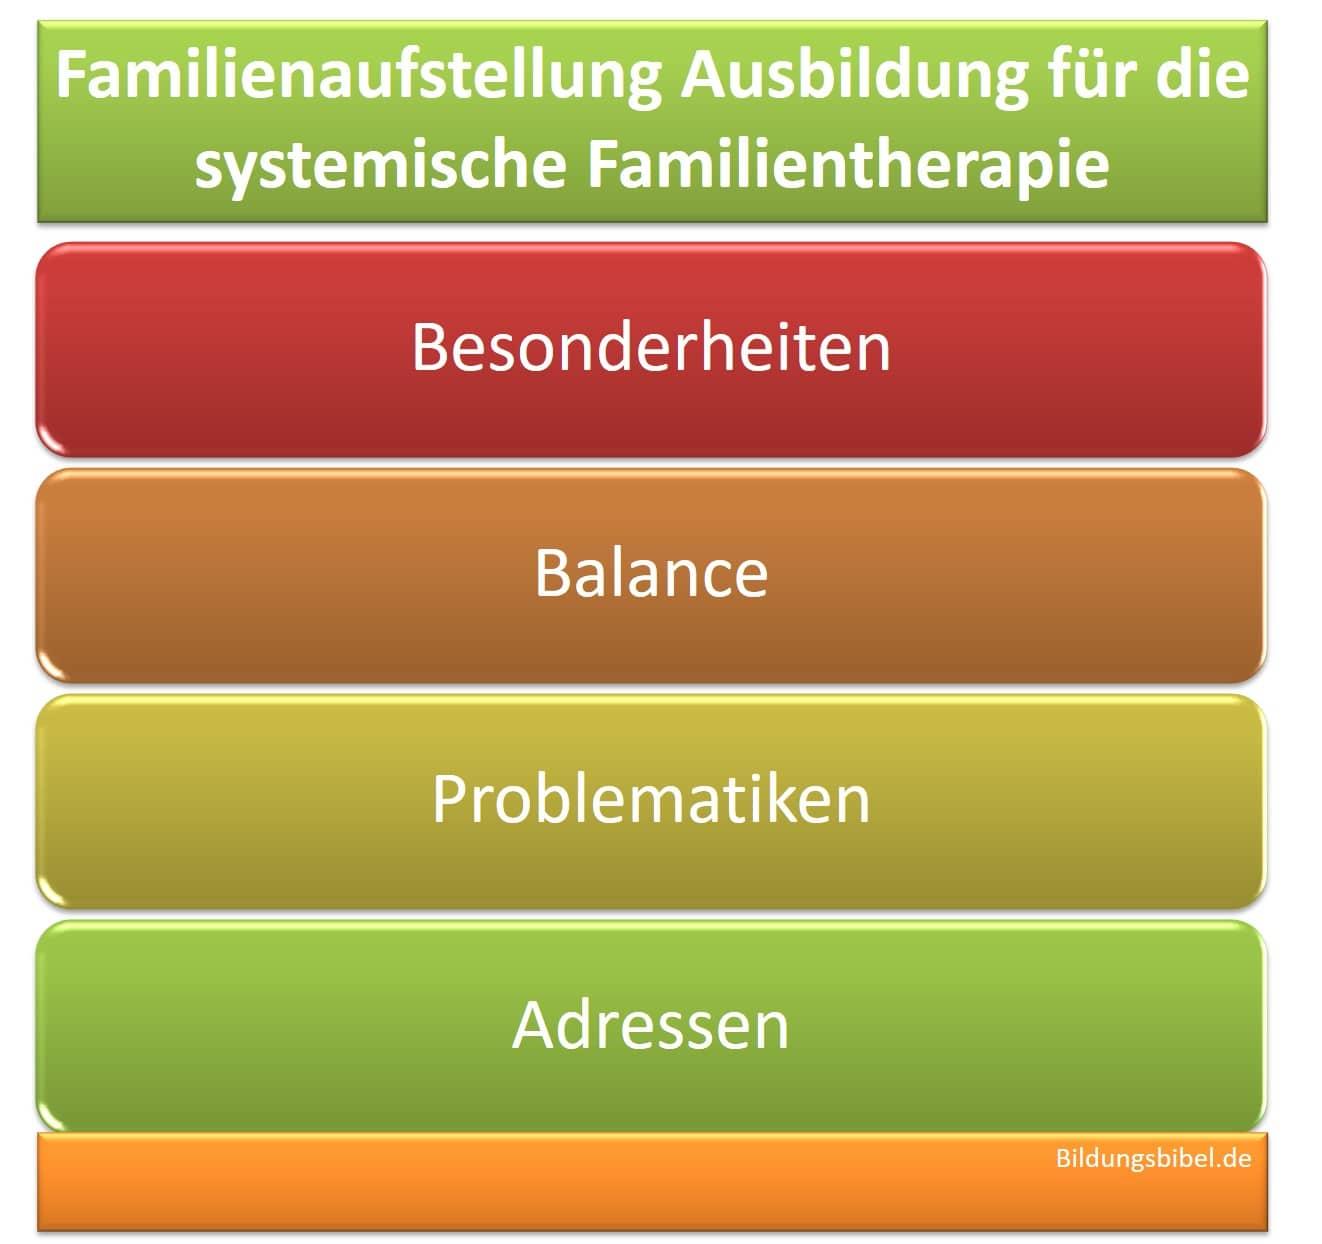 Die Familienaufstellung als systemisches Coaching, Familientherapie Ausbildung